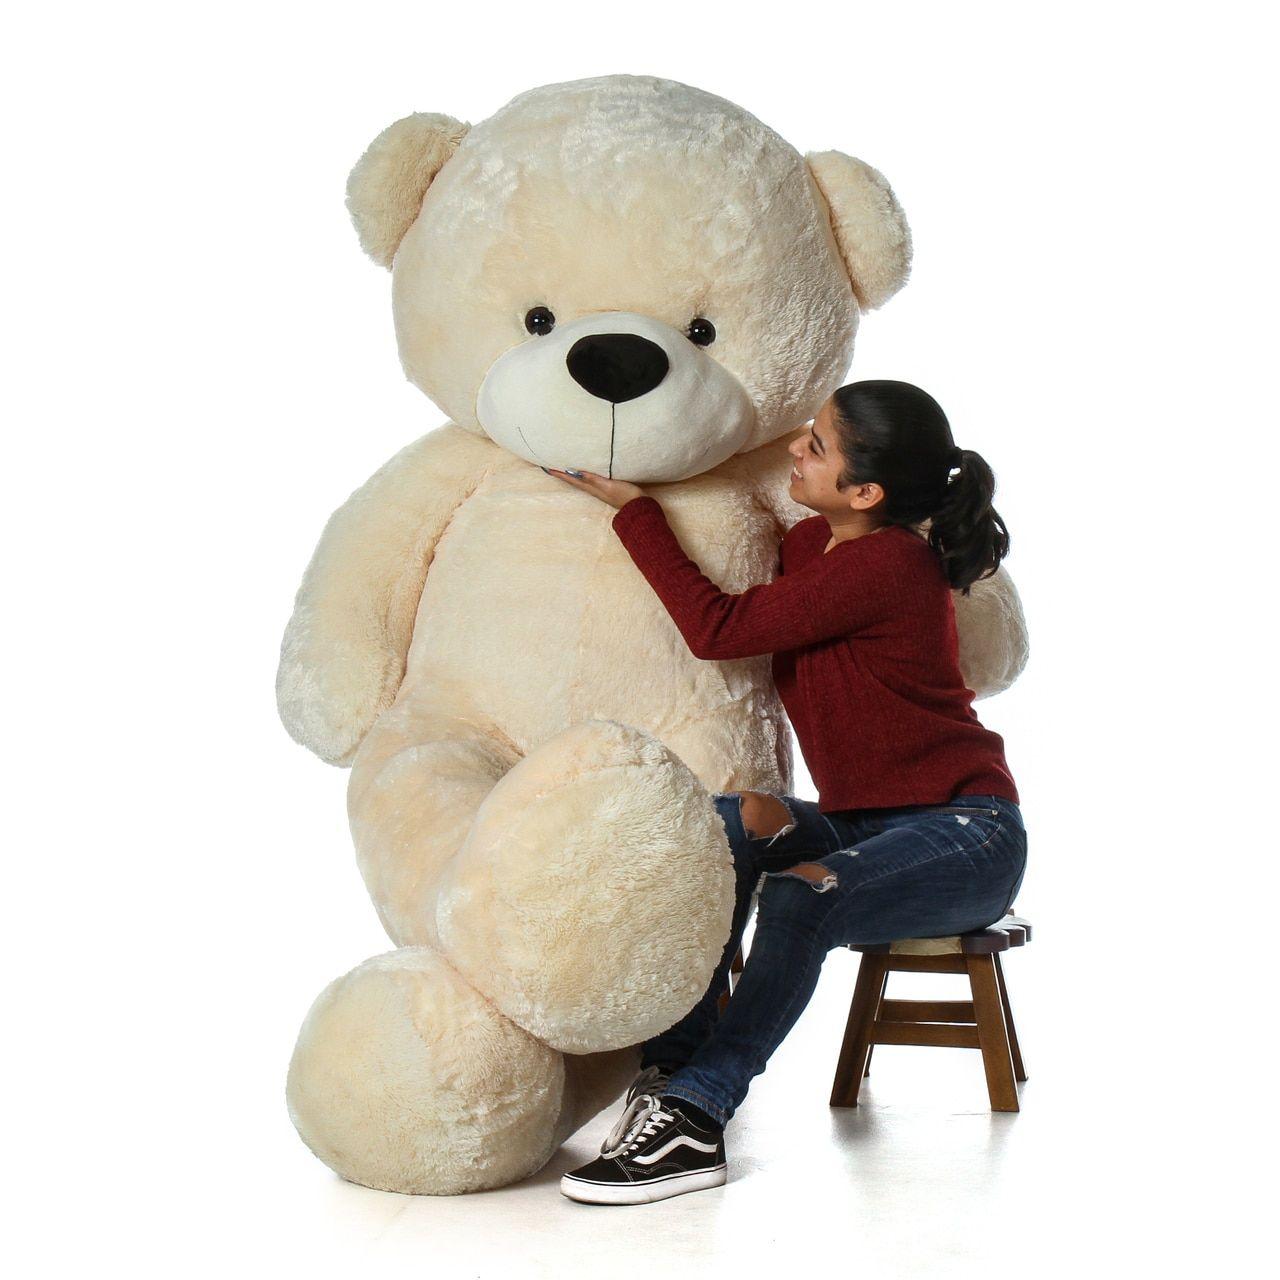 7 Foot Life Size Cozy Cream Giant Teddy Bear Cuddles The Biggest Teddy Bear Giant Teddy Bear Giant Teddy Big Teddy [ 1280 x 1280 Pixel ]